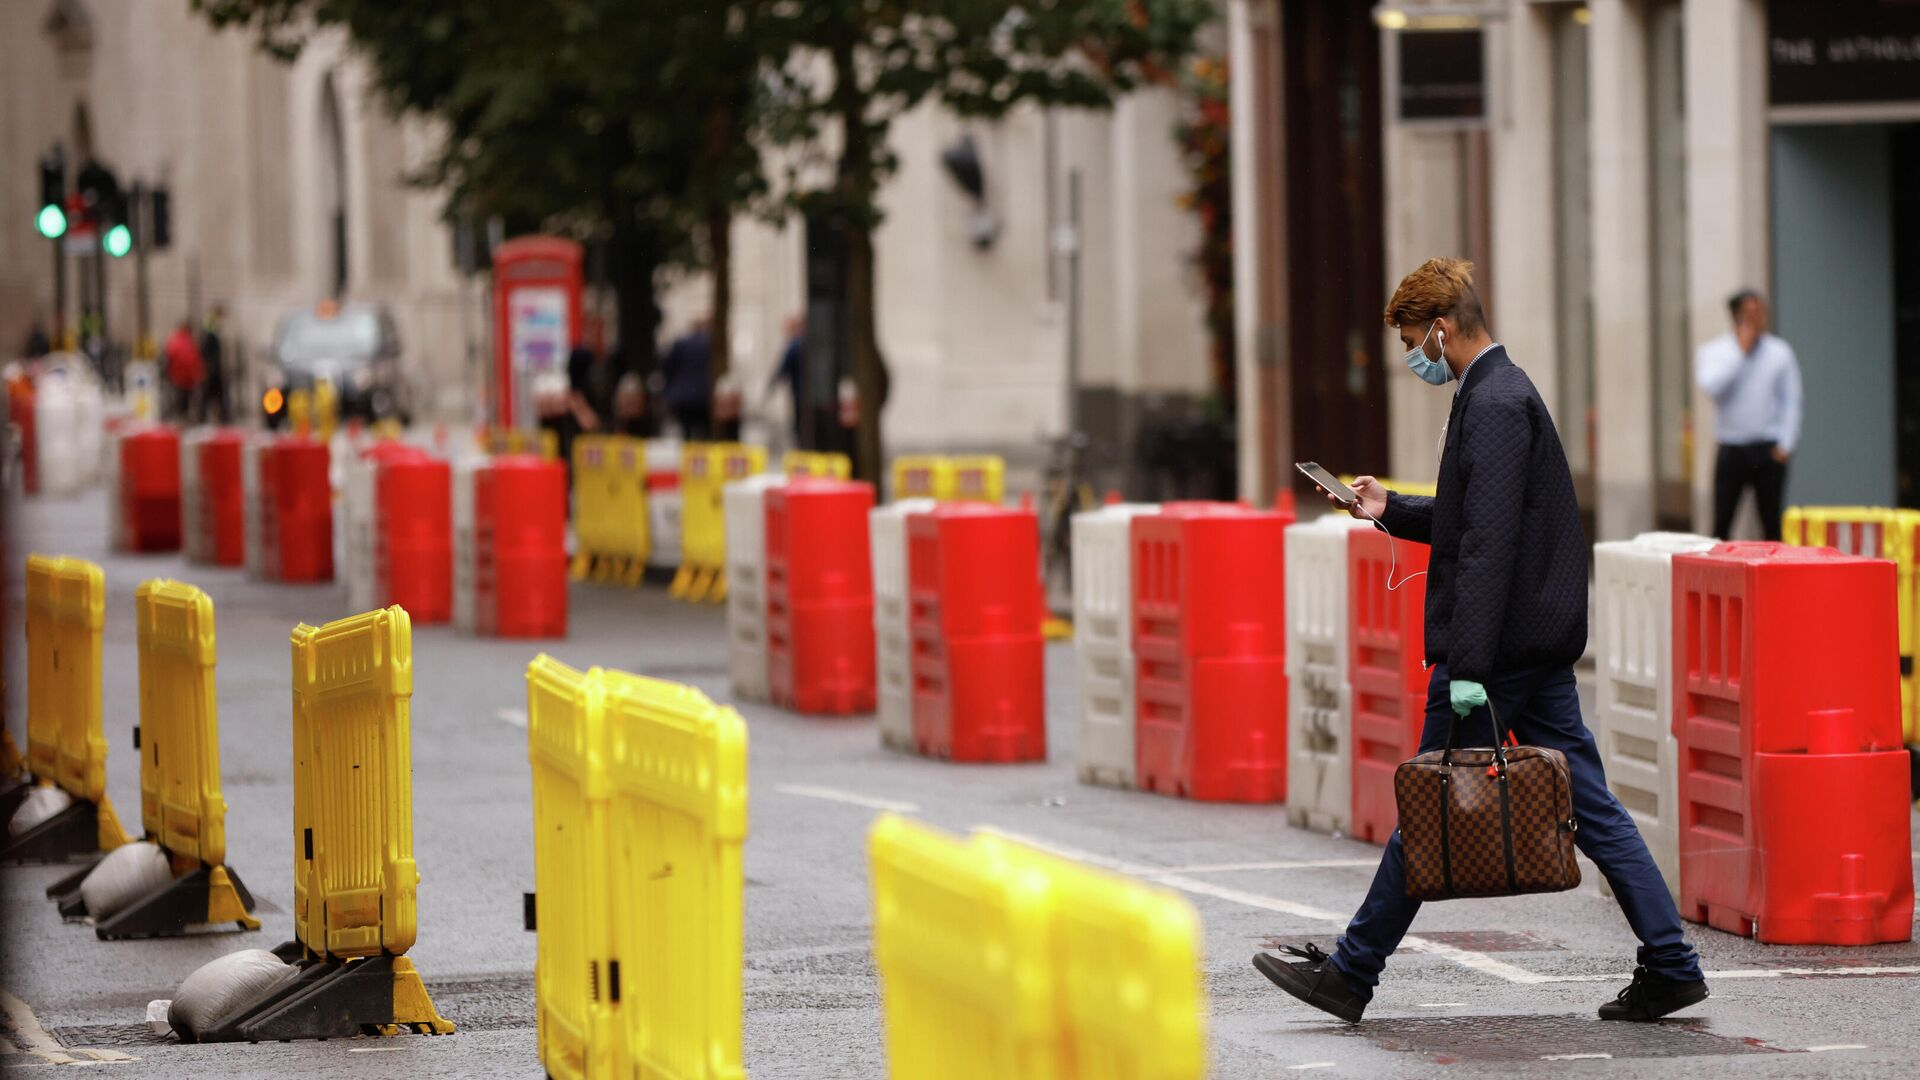 Мужчина в защитной маске переходит дорогу с установленными на ней барьерами для социального дистанцирования в Лондоне - РИА Новости, 1920, 24.09.2020